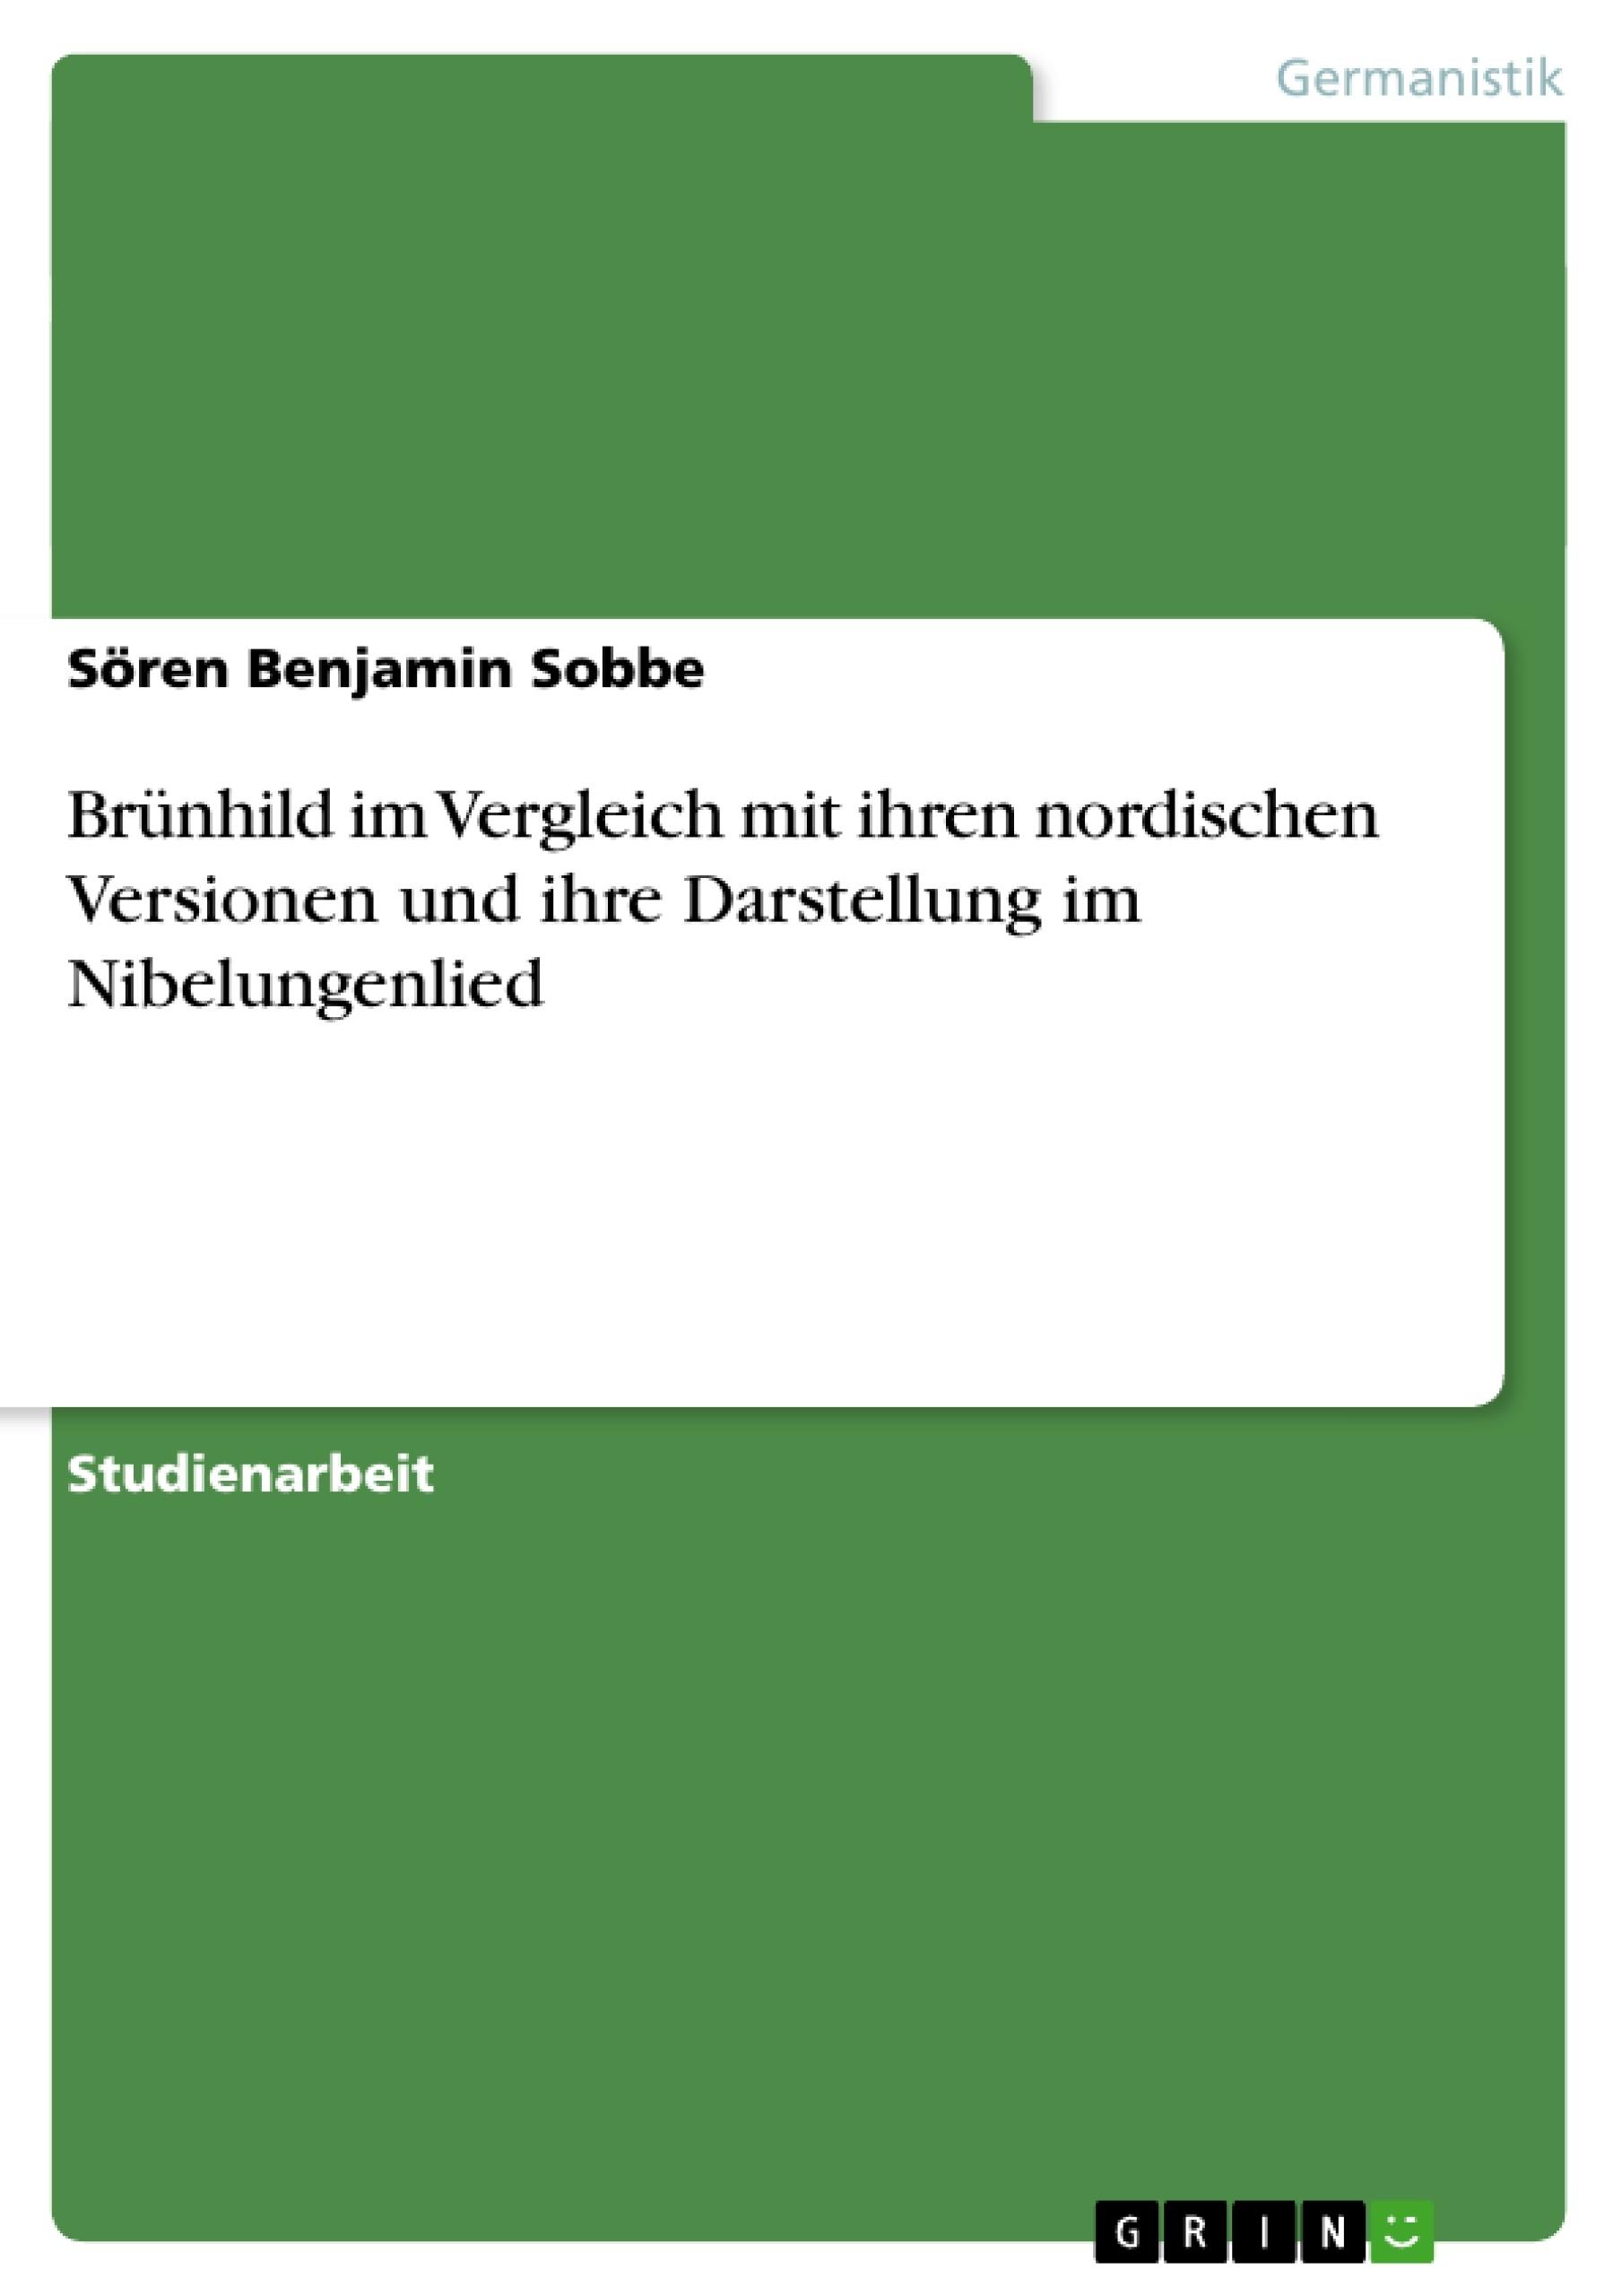 Titel: Brünhild im Vergleich mit ihren nordischen Versionen und ihre Darstellung im Nibelungenlied